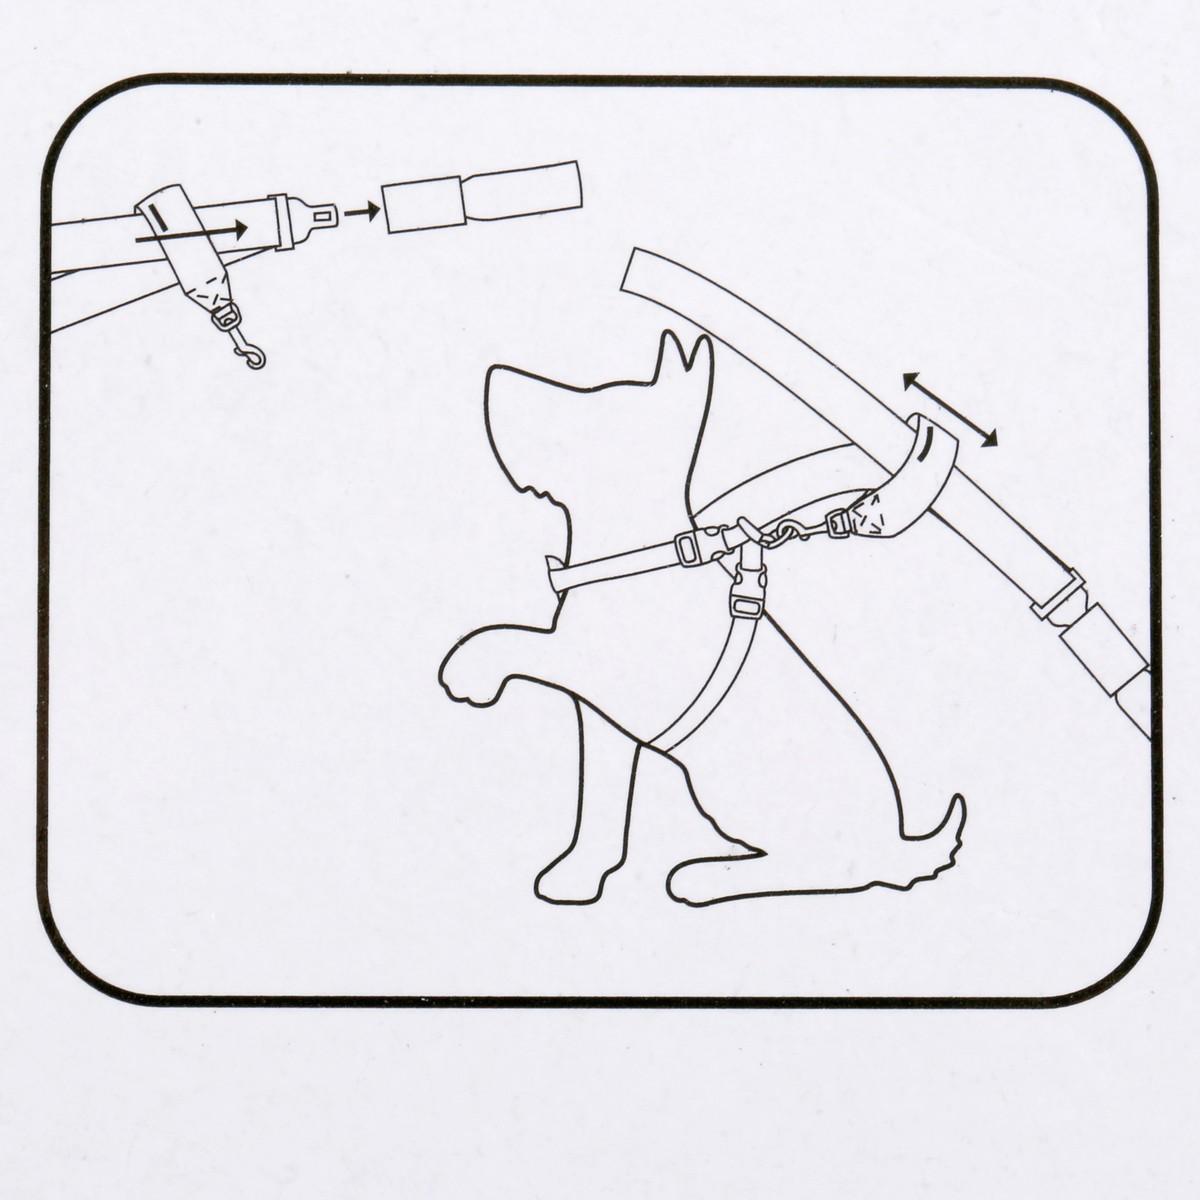 Brilliant Basics Car Harness Attachment